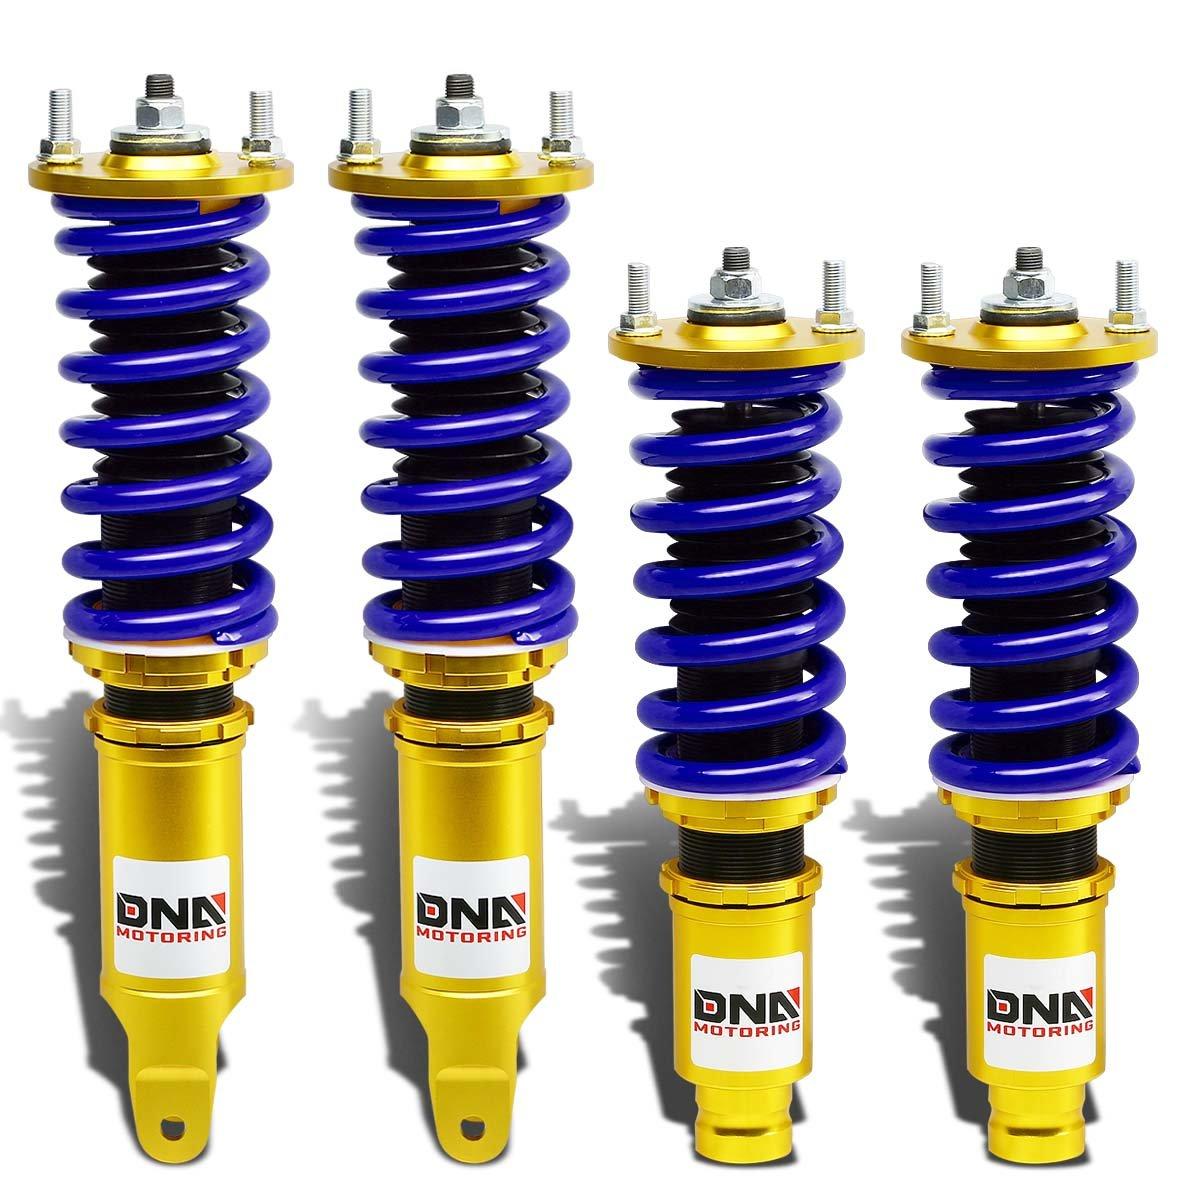 DNA MOTORING DNA-COIL-DP-HC96-GD-BL DNACOILDPHC96GDBL Suspension Coilover Damper Shocks Kit for 96-00 Honda Civic